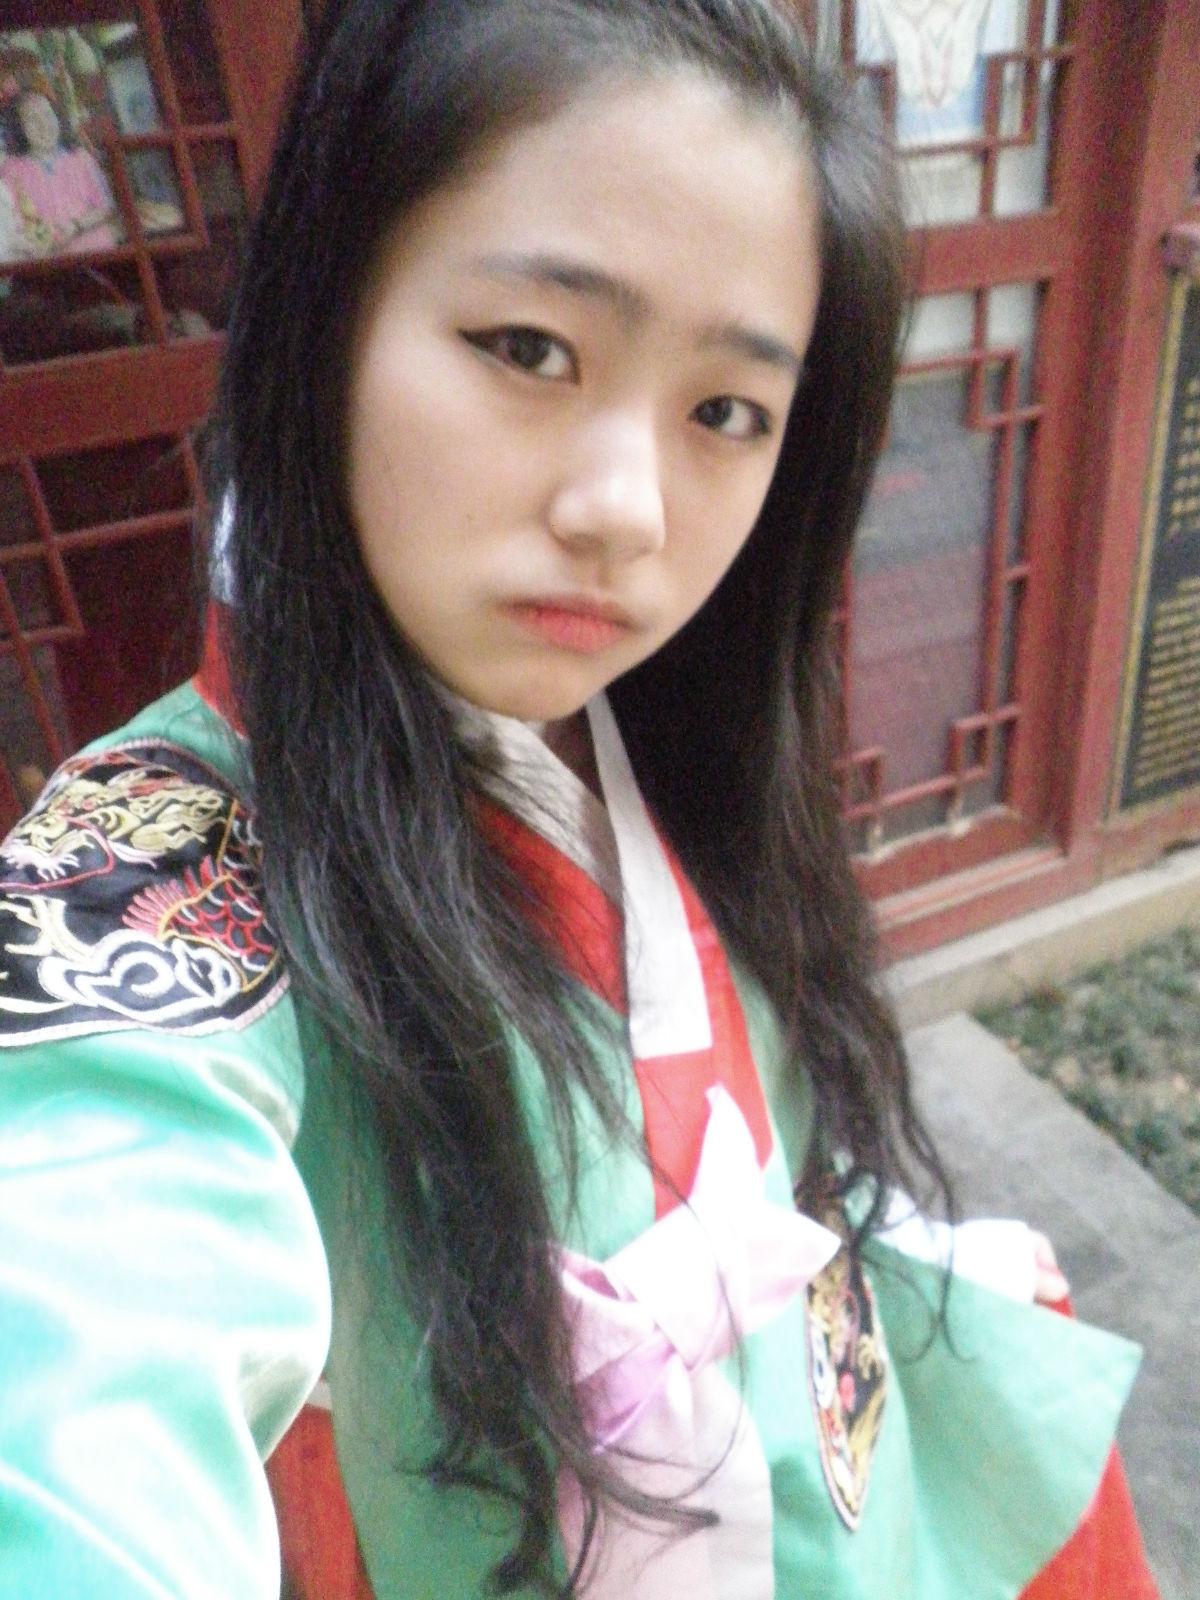 朝鲜族的发型有展示分享发型长发中妈妈图片